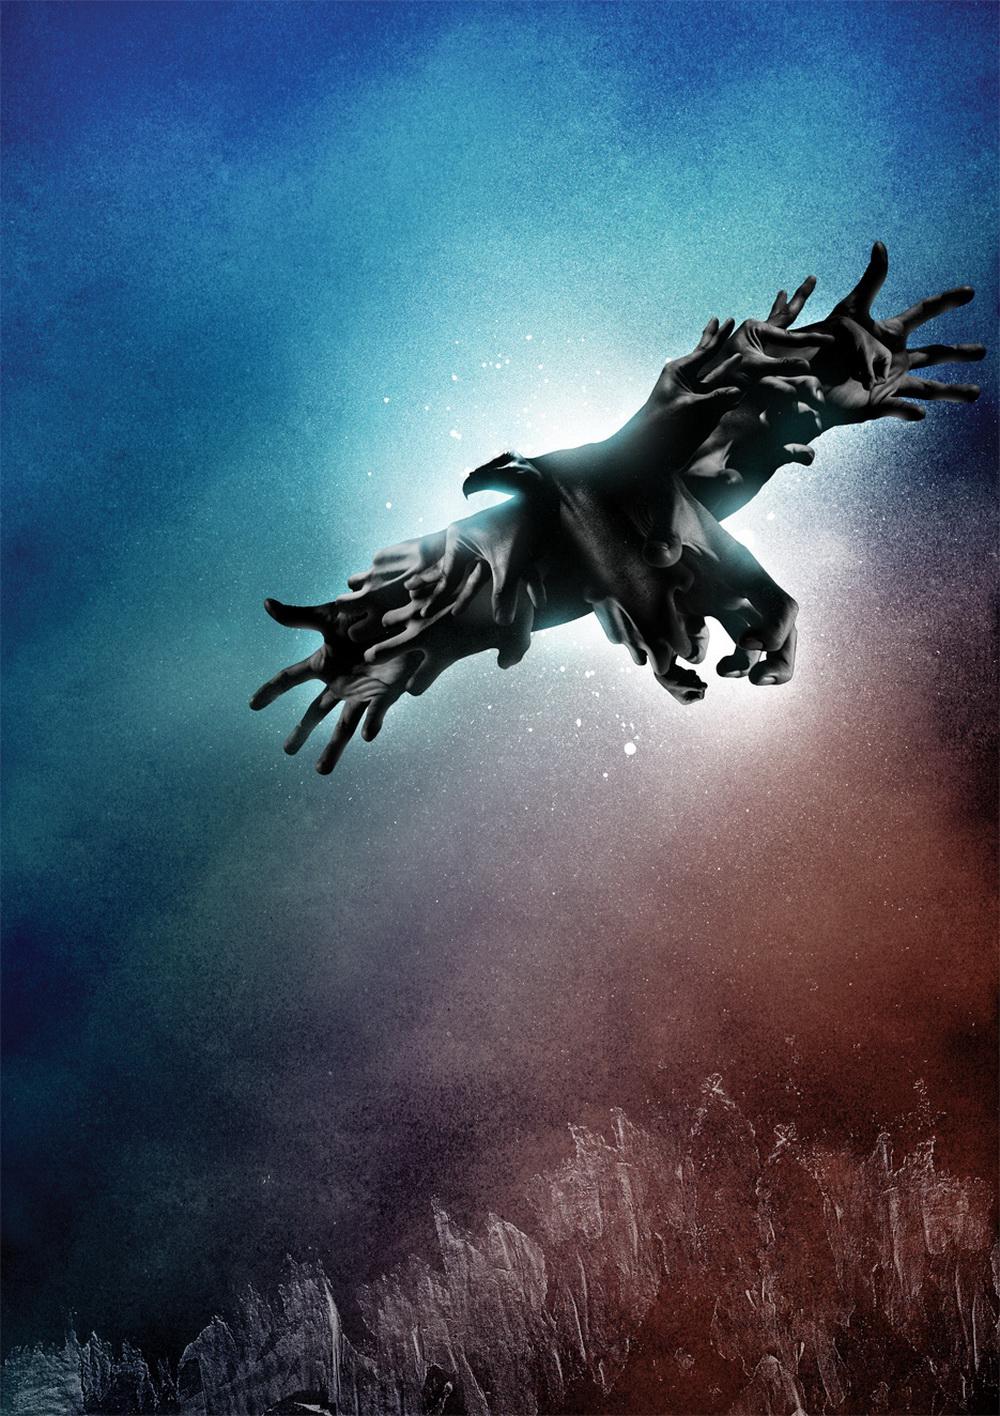 Adobe Portfolio ars thanea ars thanea animals eagle sea horse spider chicken praying mantis reindeer digital artist survival Nature death graphic art work